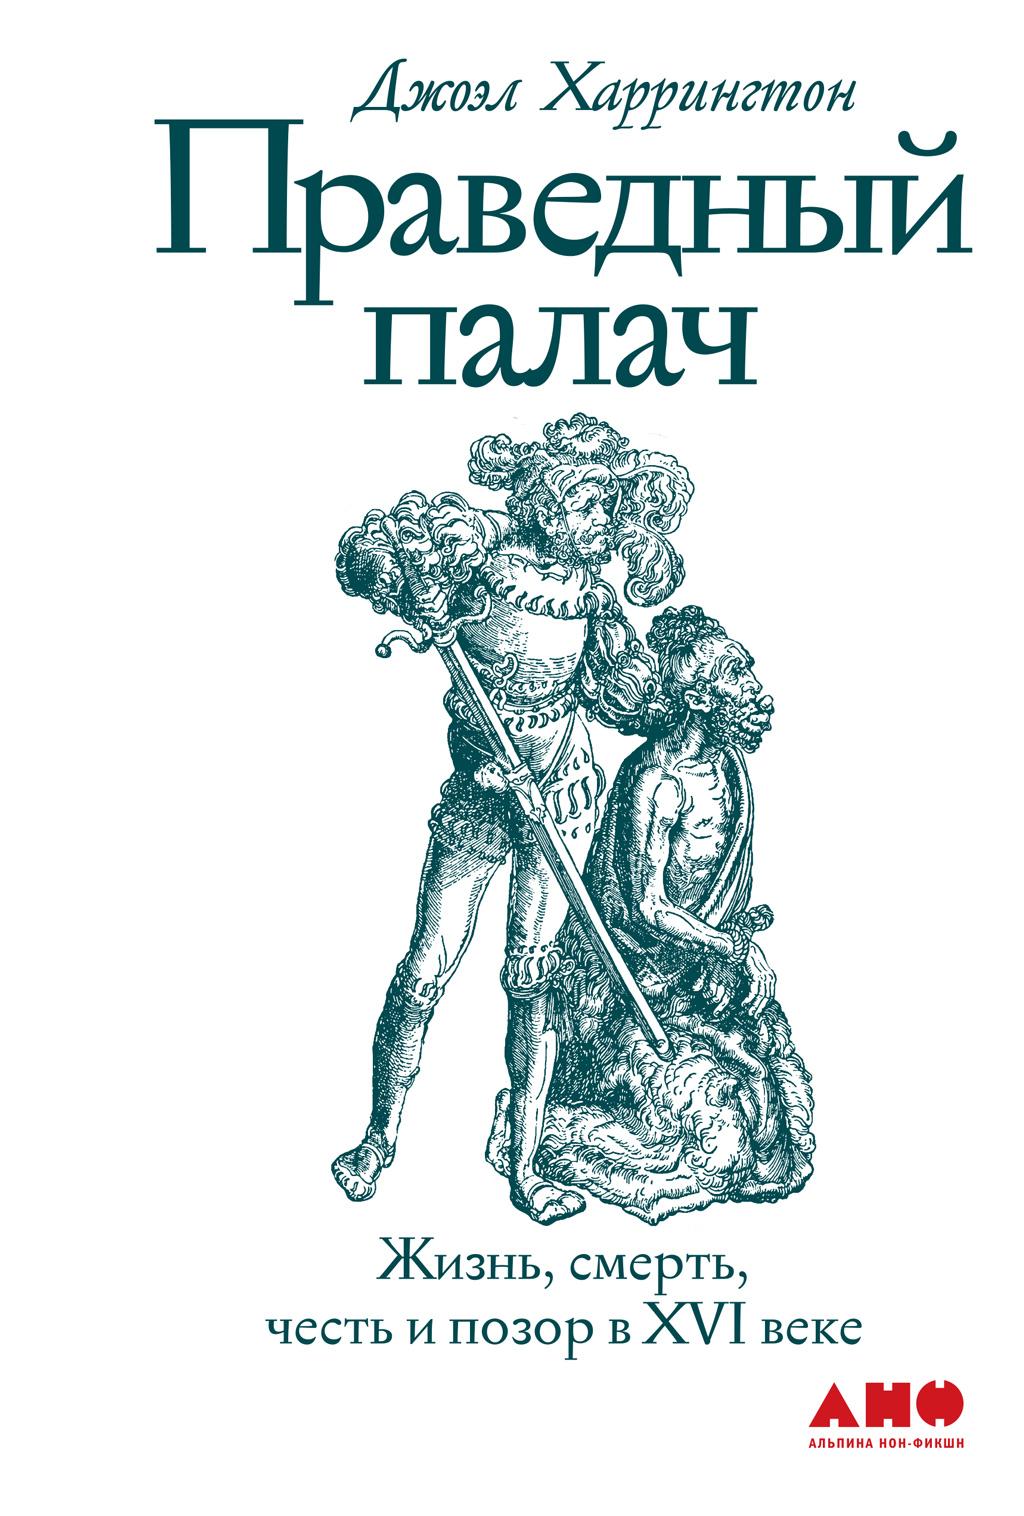 Купить книгу Праведный палач, автора Джоэла Харрингтона